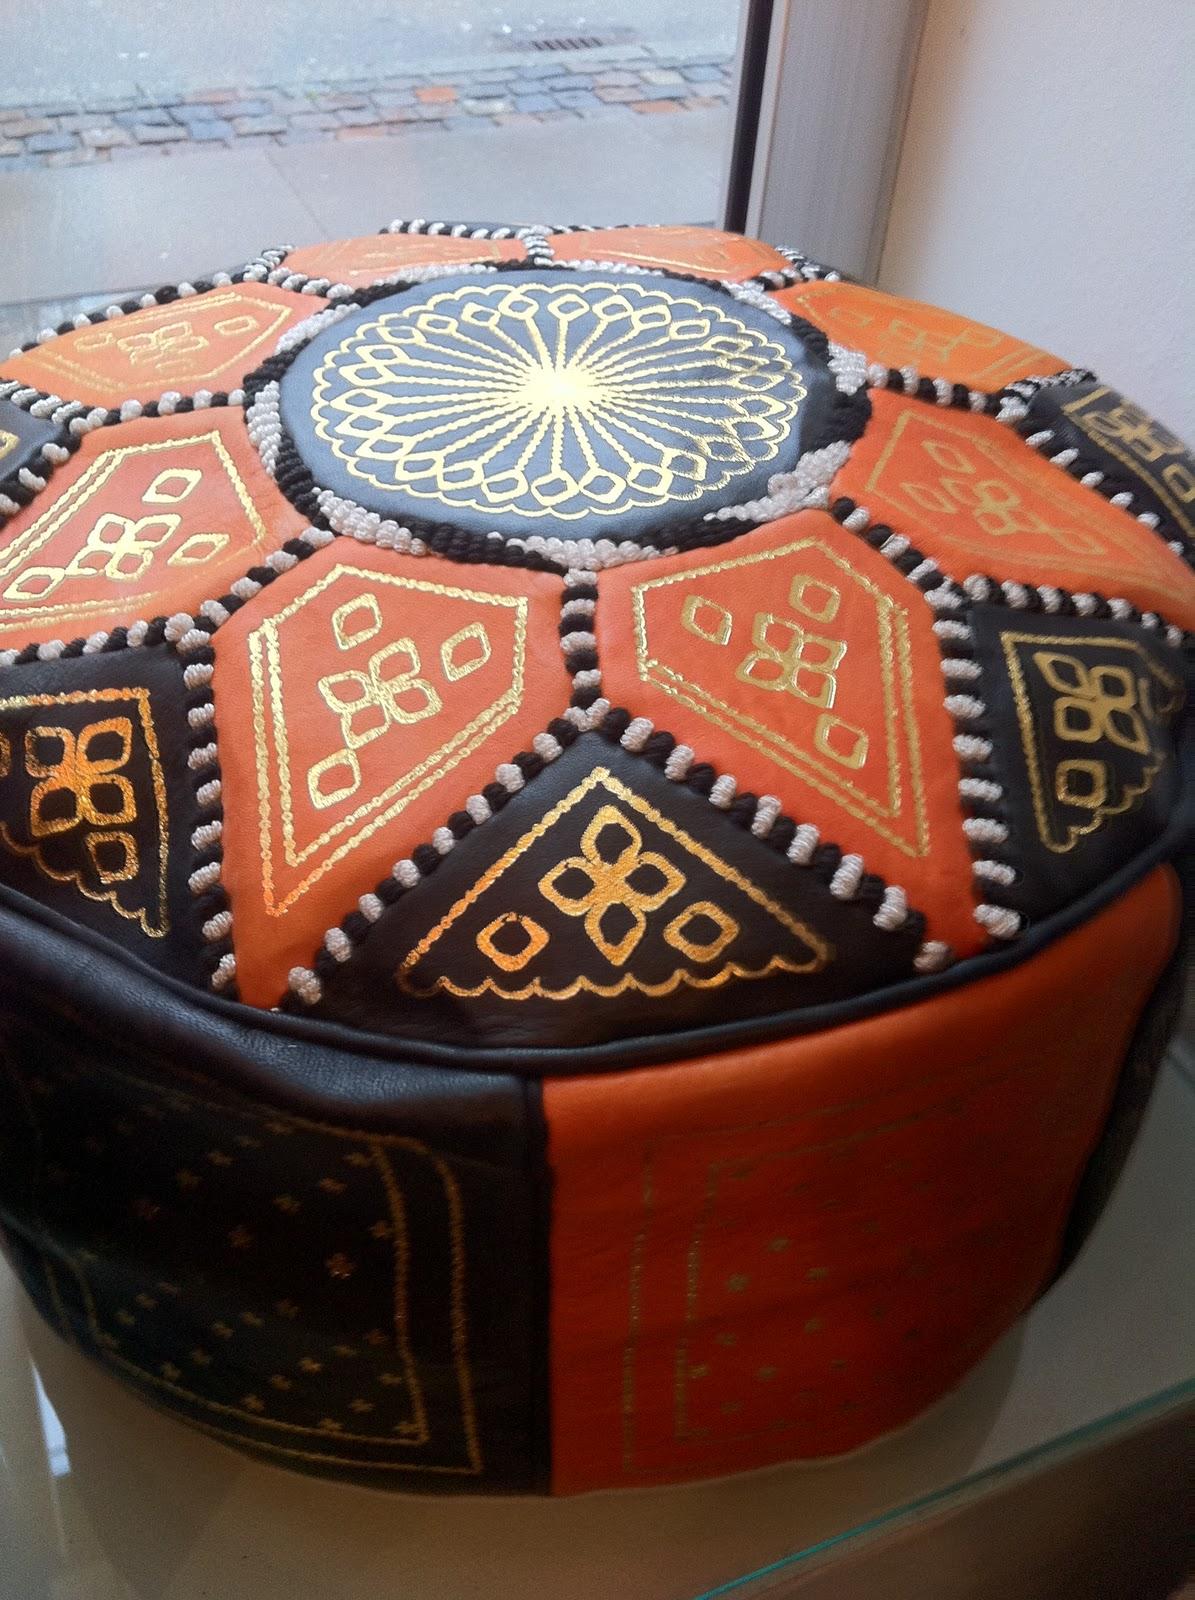 marokkanske puder Butik Chador: Marokkanske Puder i Smukke Farver marokkanske puder